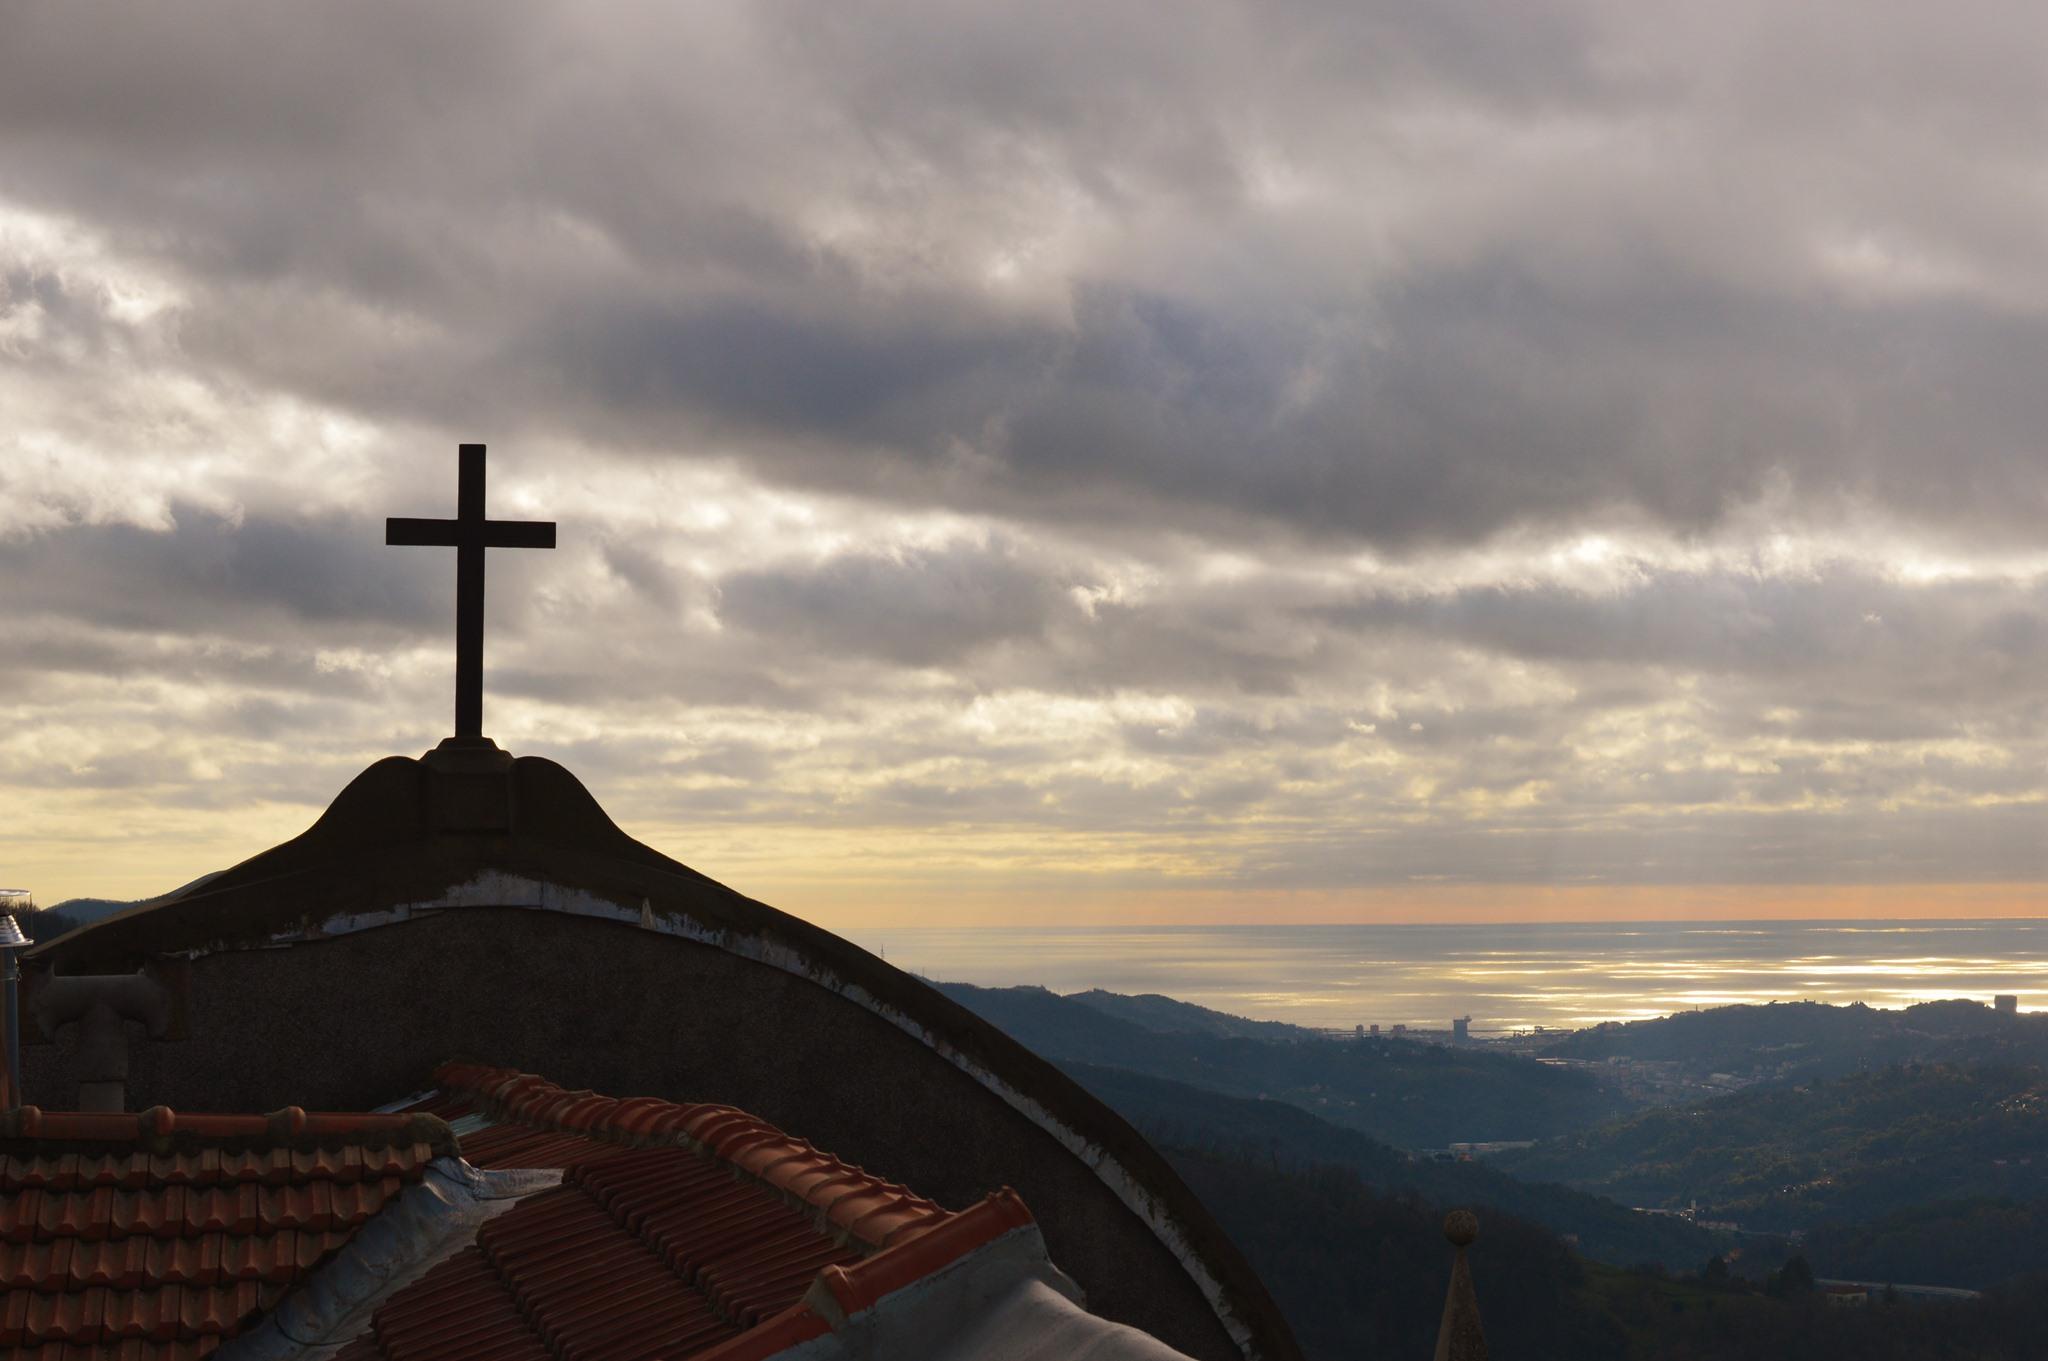 Richiesta di Iscrizione Online al Libro delle Sante Messe Perpetue - per Vivi e Defunti - Intenzioni e Offerta